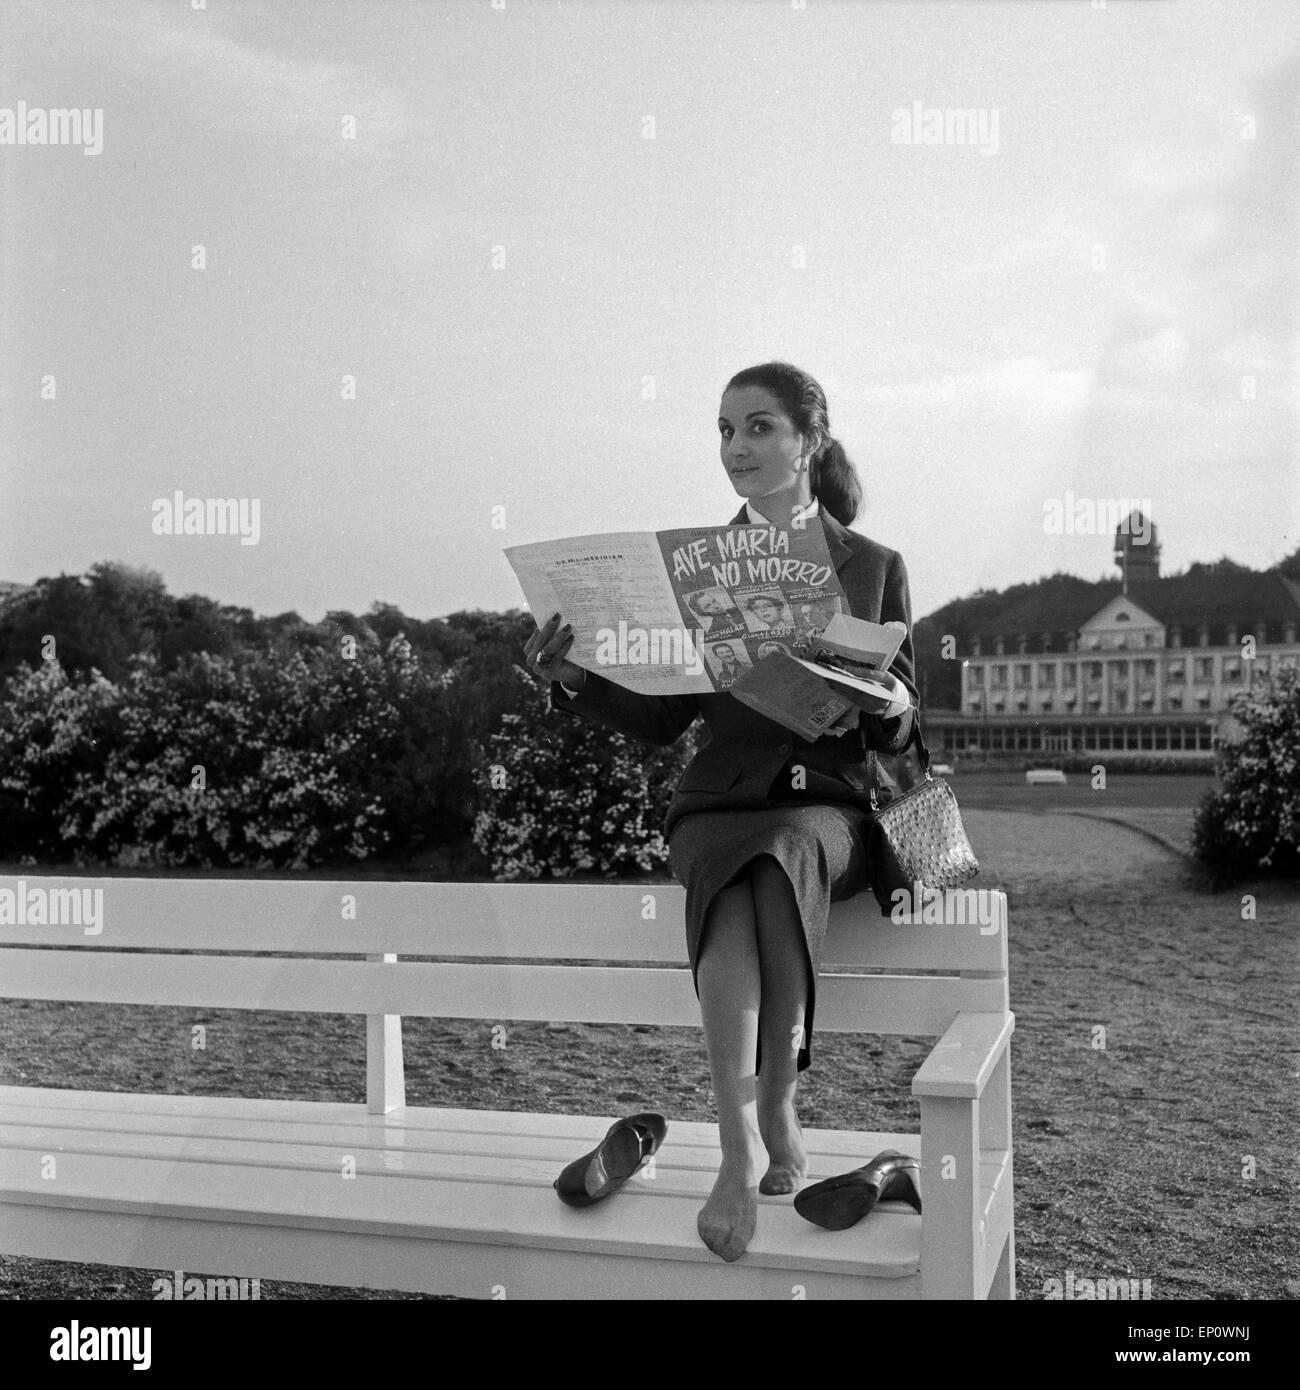 Spanische Sängerin und Schauspielerin Nati Mistral liest das Programmheft zu 'Ave Maria No Morro', - Stock Image